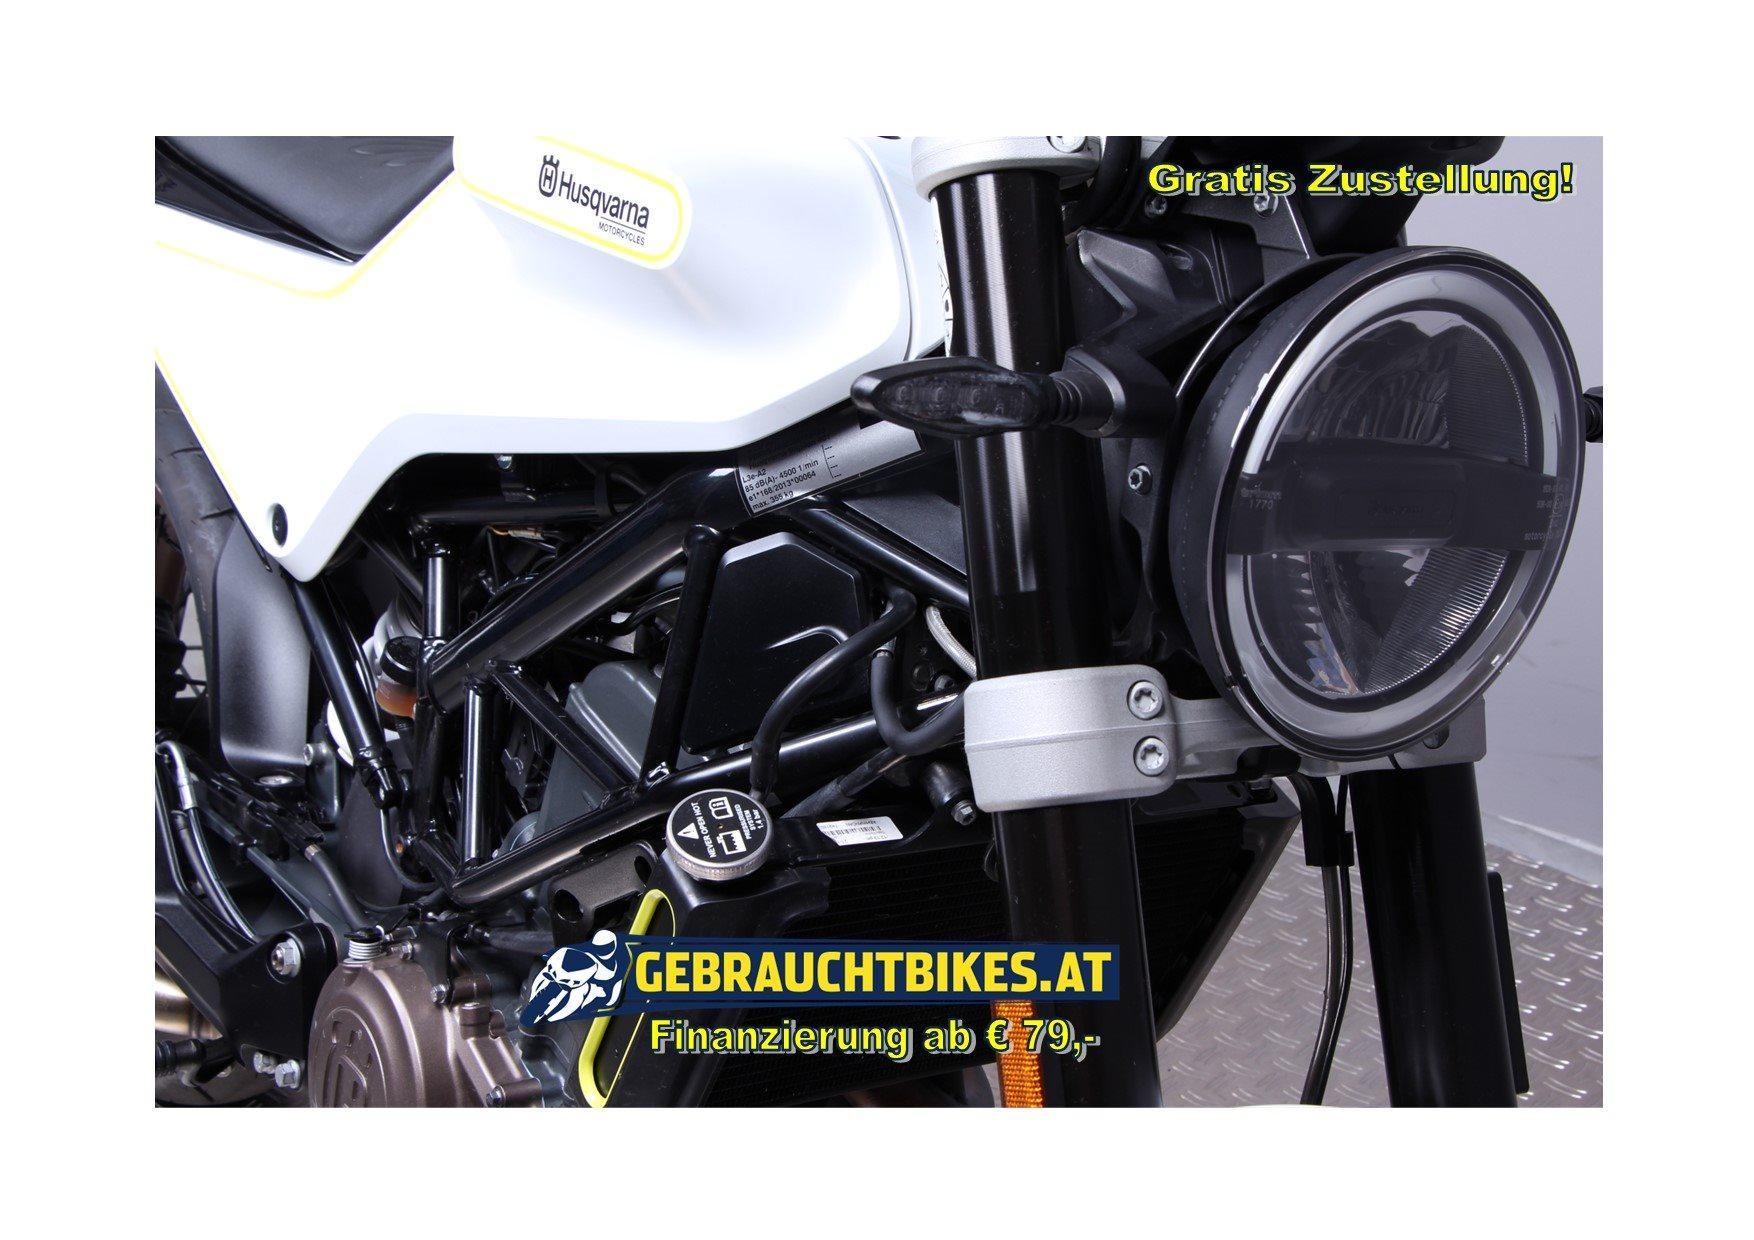 Husqvarna Vitpilen 401 Motorrad, gebraucht